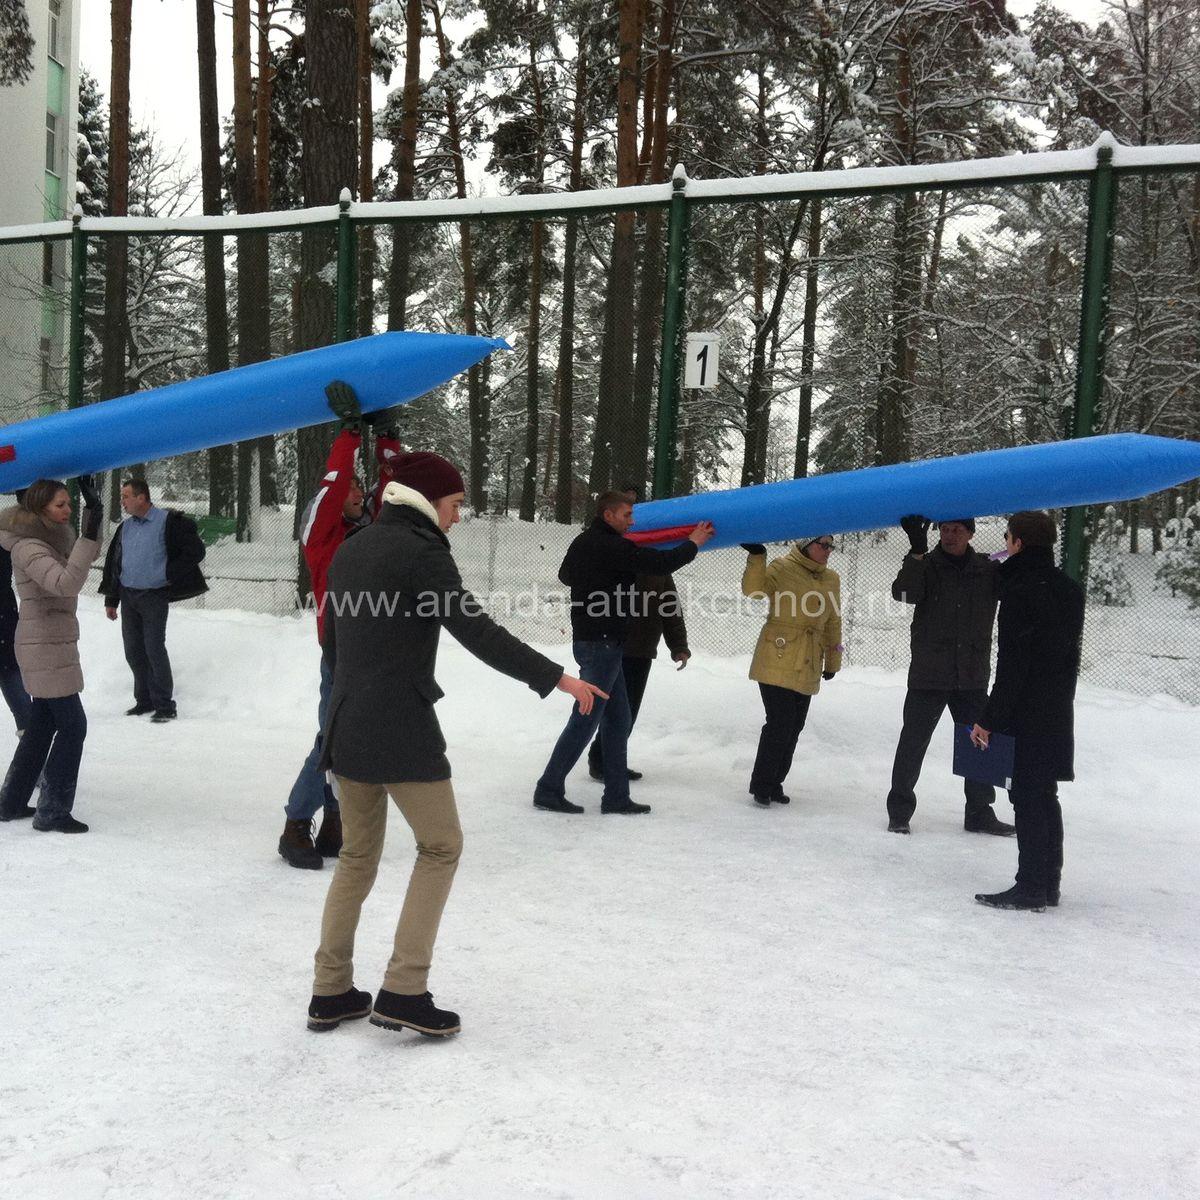 Аттракцион командная ракета на мероприятии зимой.